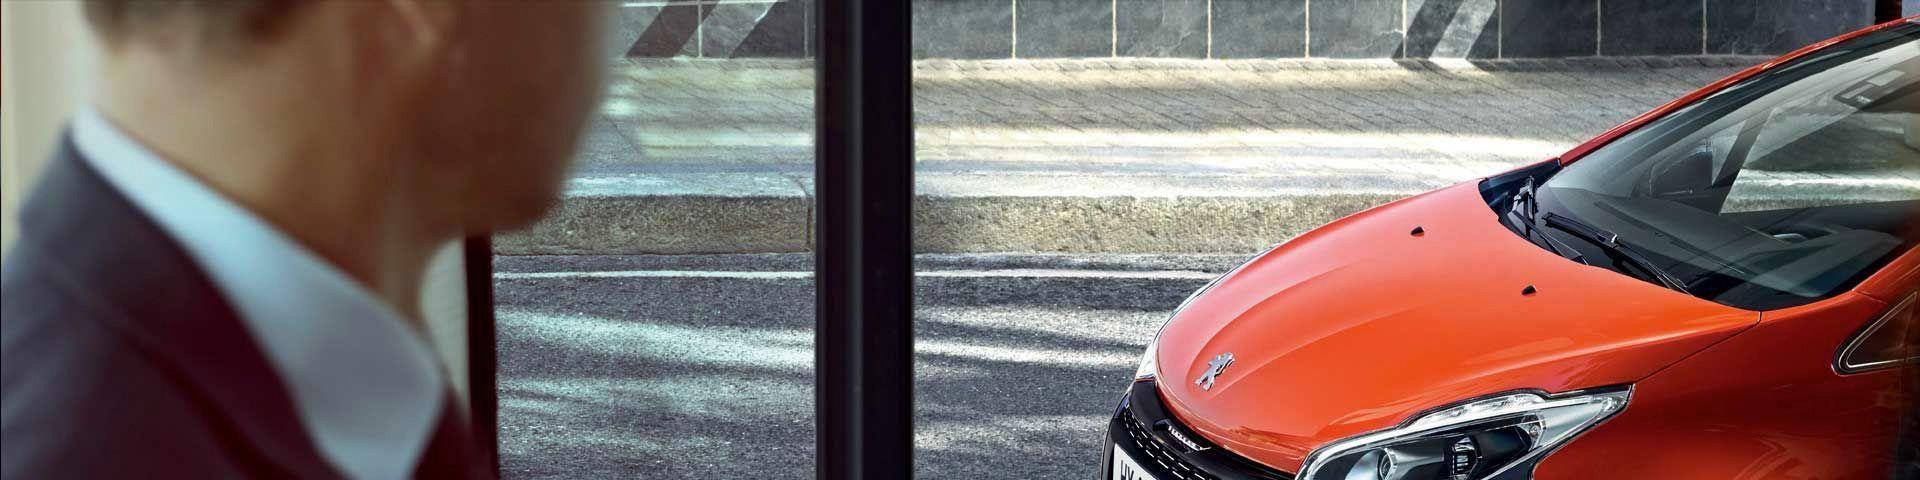 Autodisa, Concesionario Oficial Peugeot en Valencia